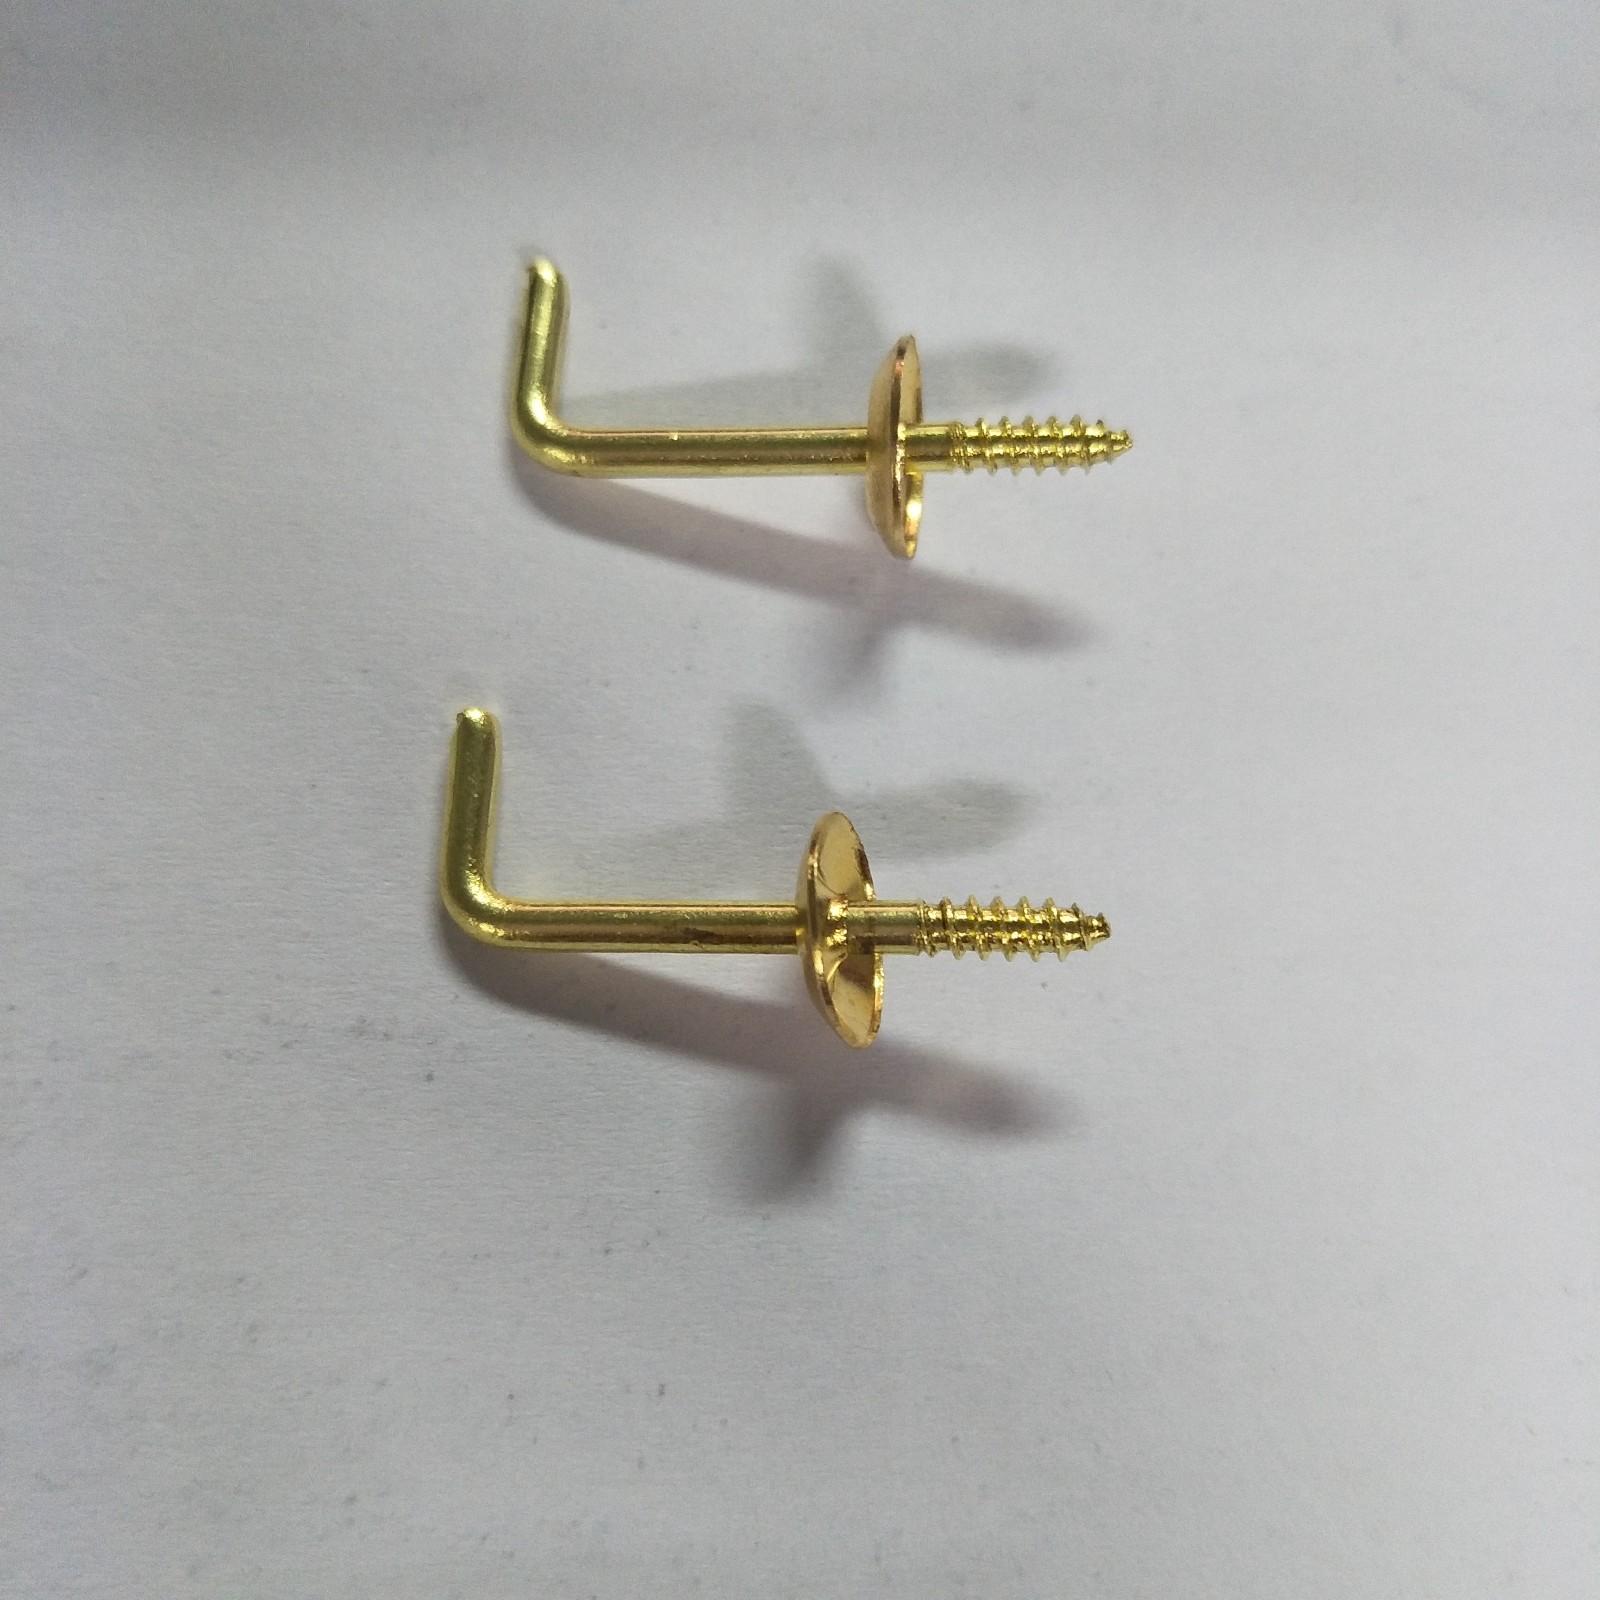 STEEL wire hook